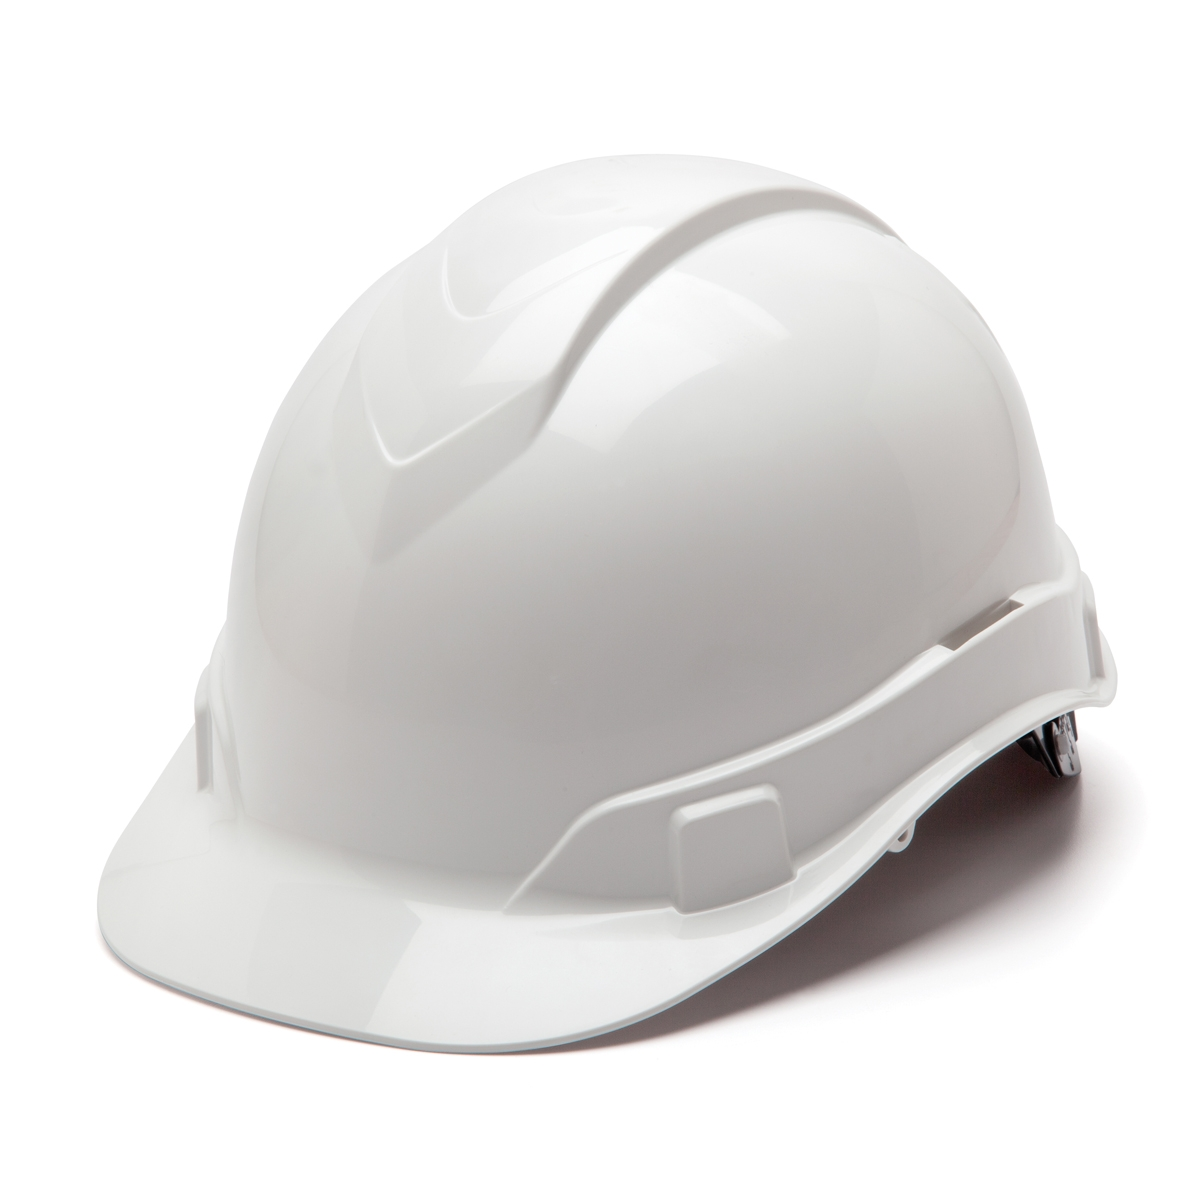 Ridgeline Cap Style Hard Hat.